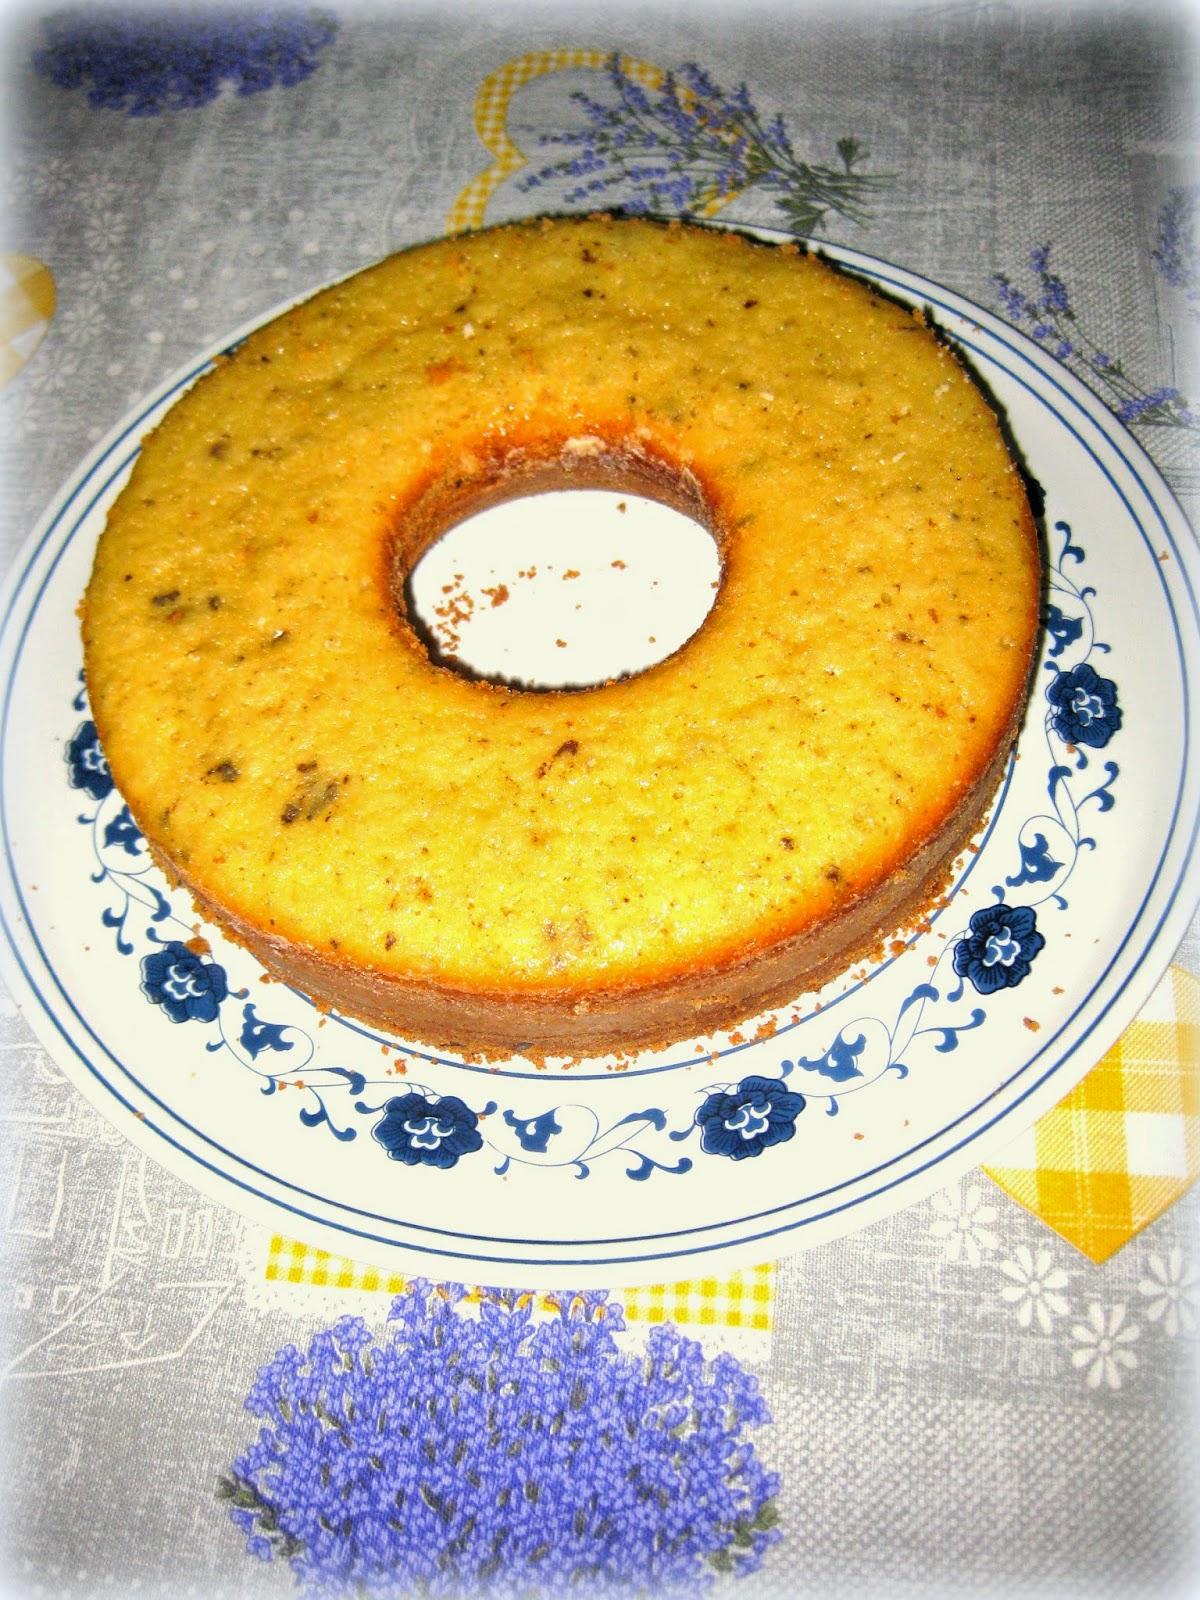 La ricetta della ciambella margherita, arricchita con scaglie di cioccolato, è un dolce soffice e perfetto per la prima colazione.